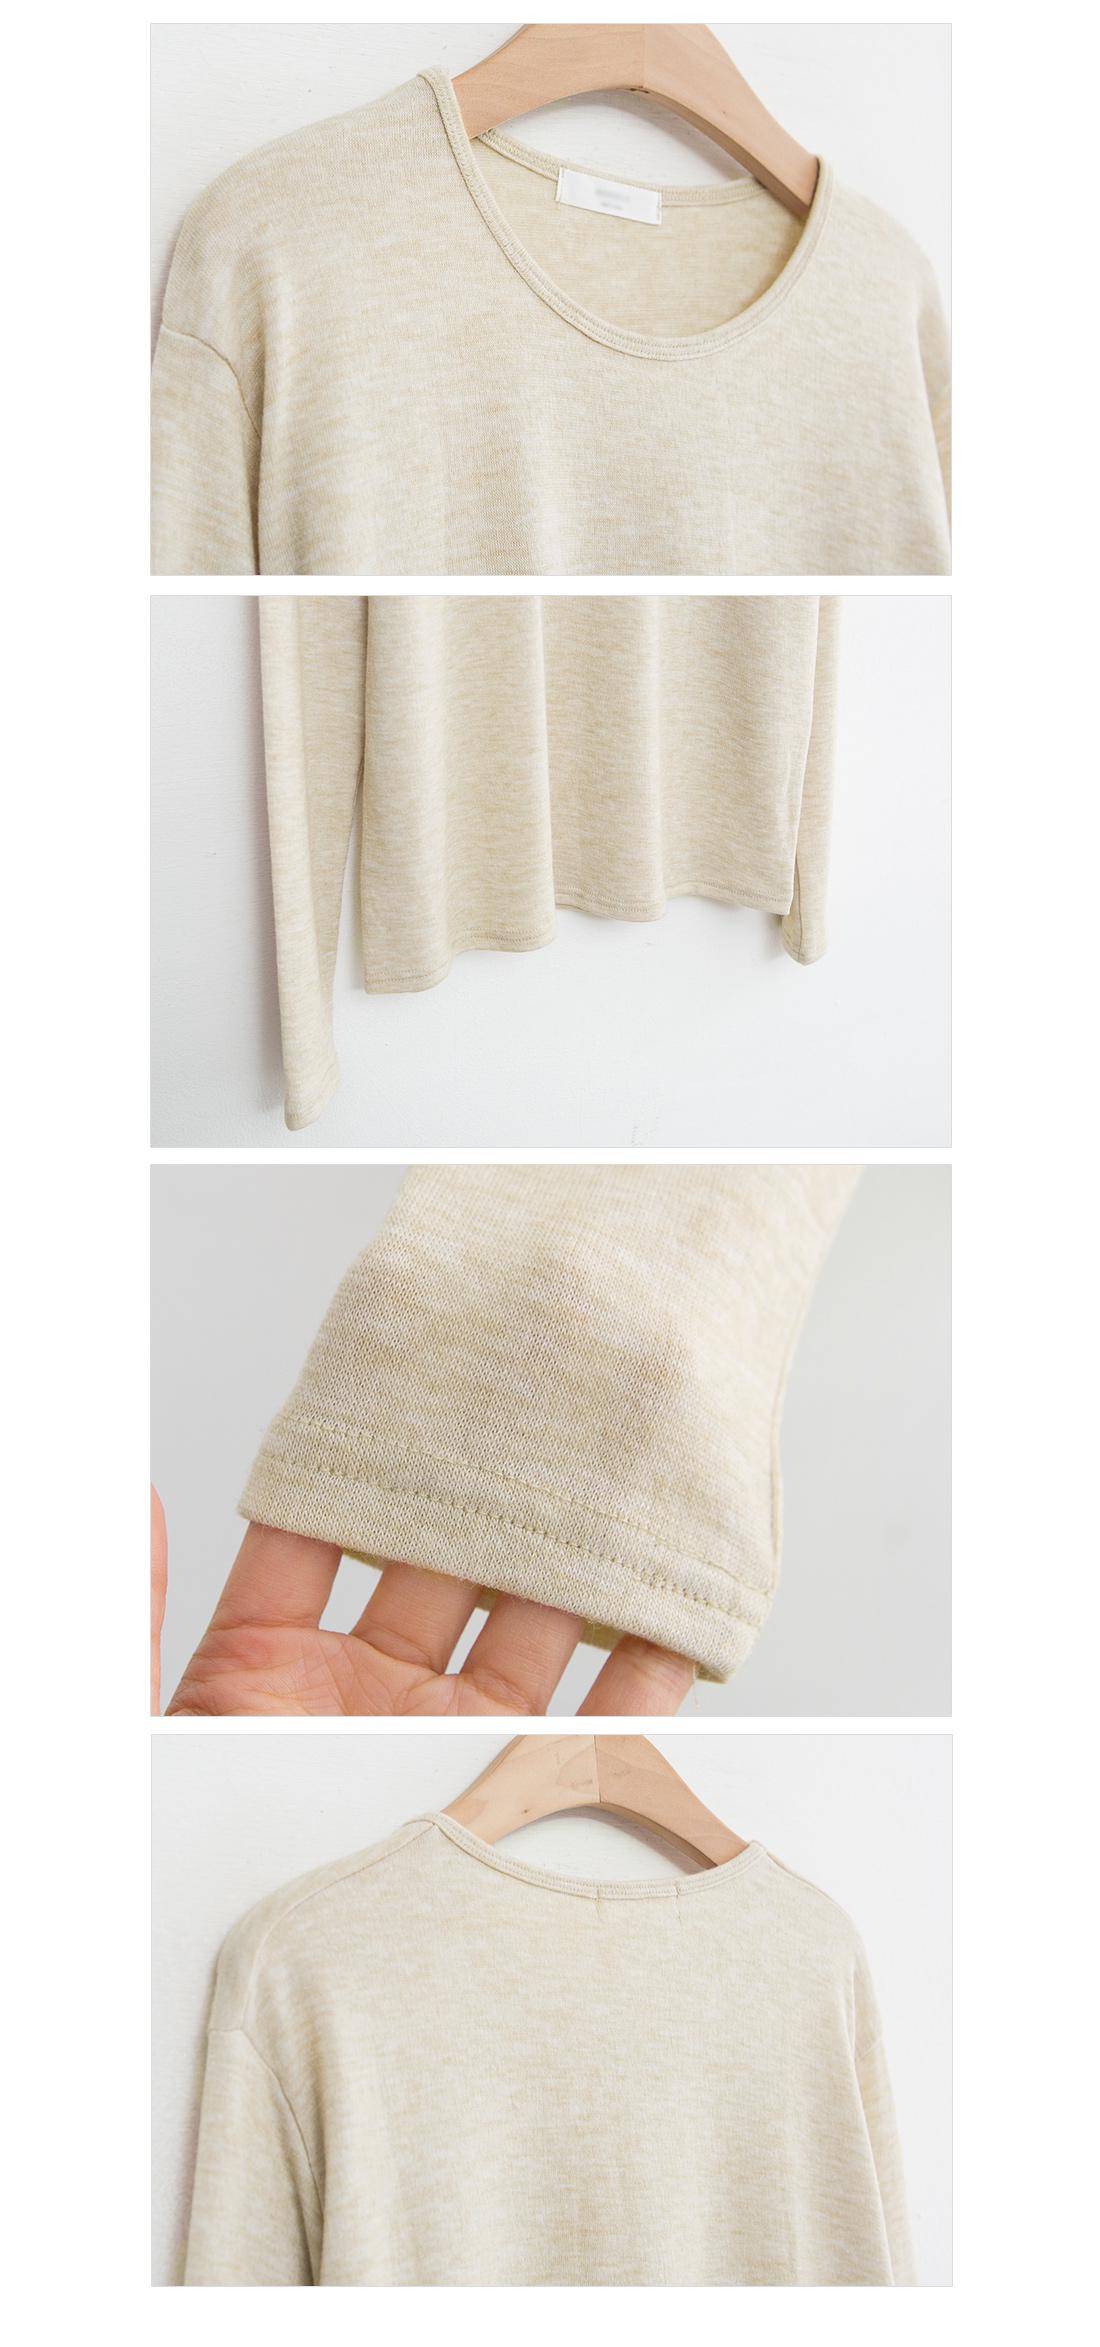 Soft basic t-shirt #106673